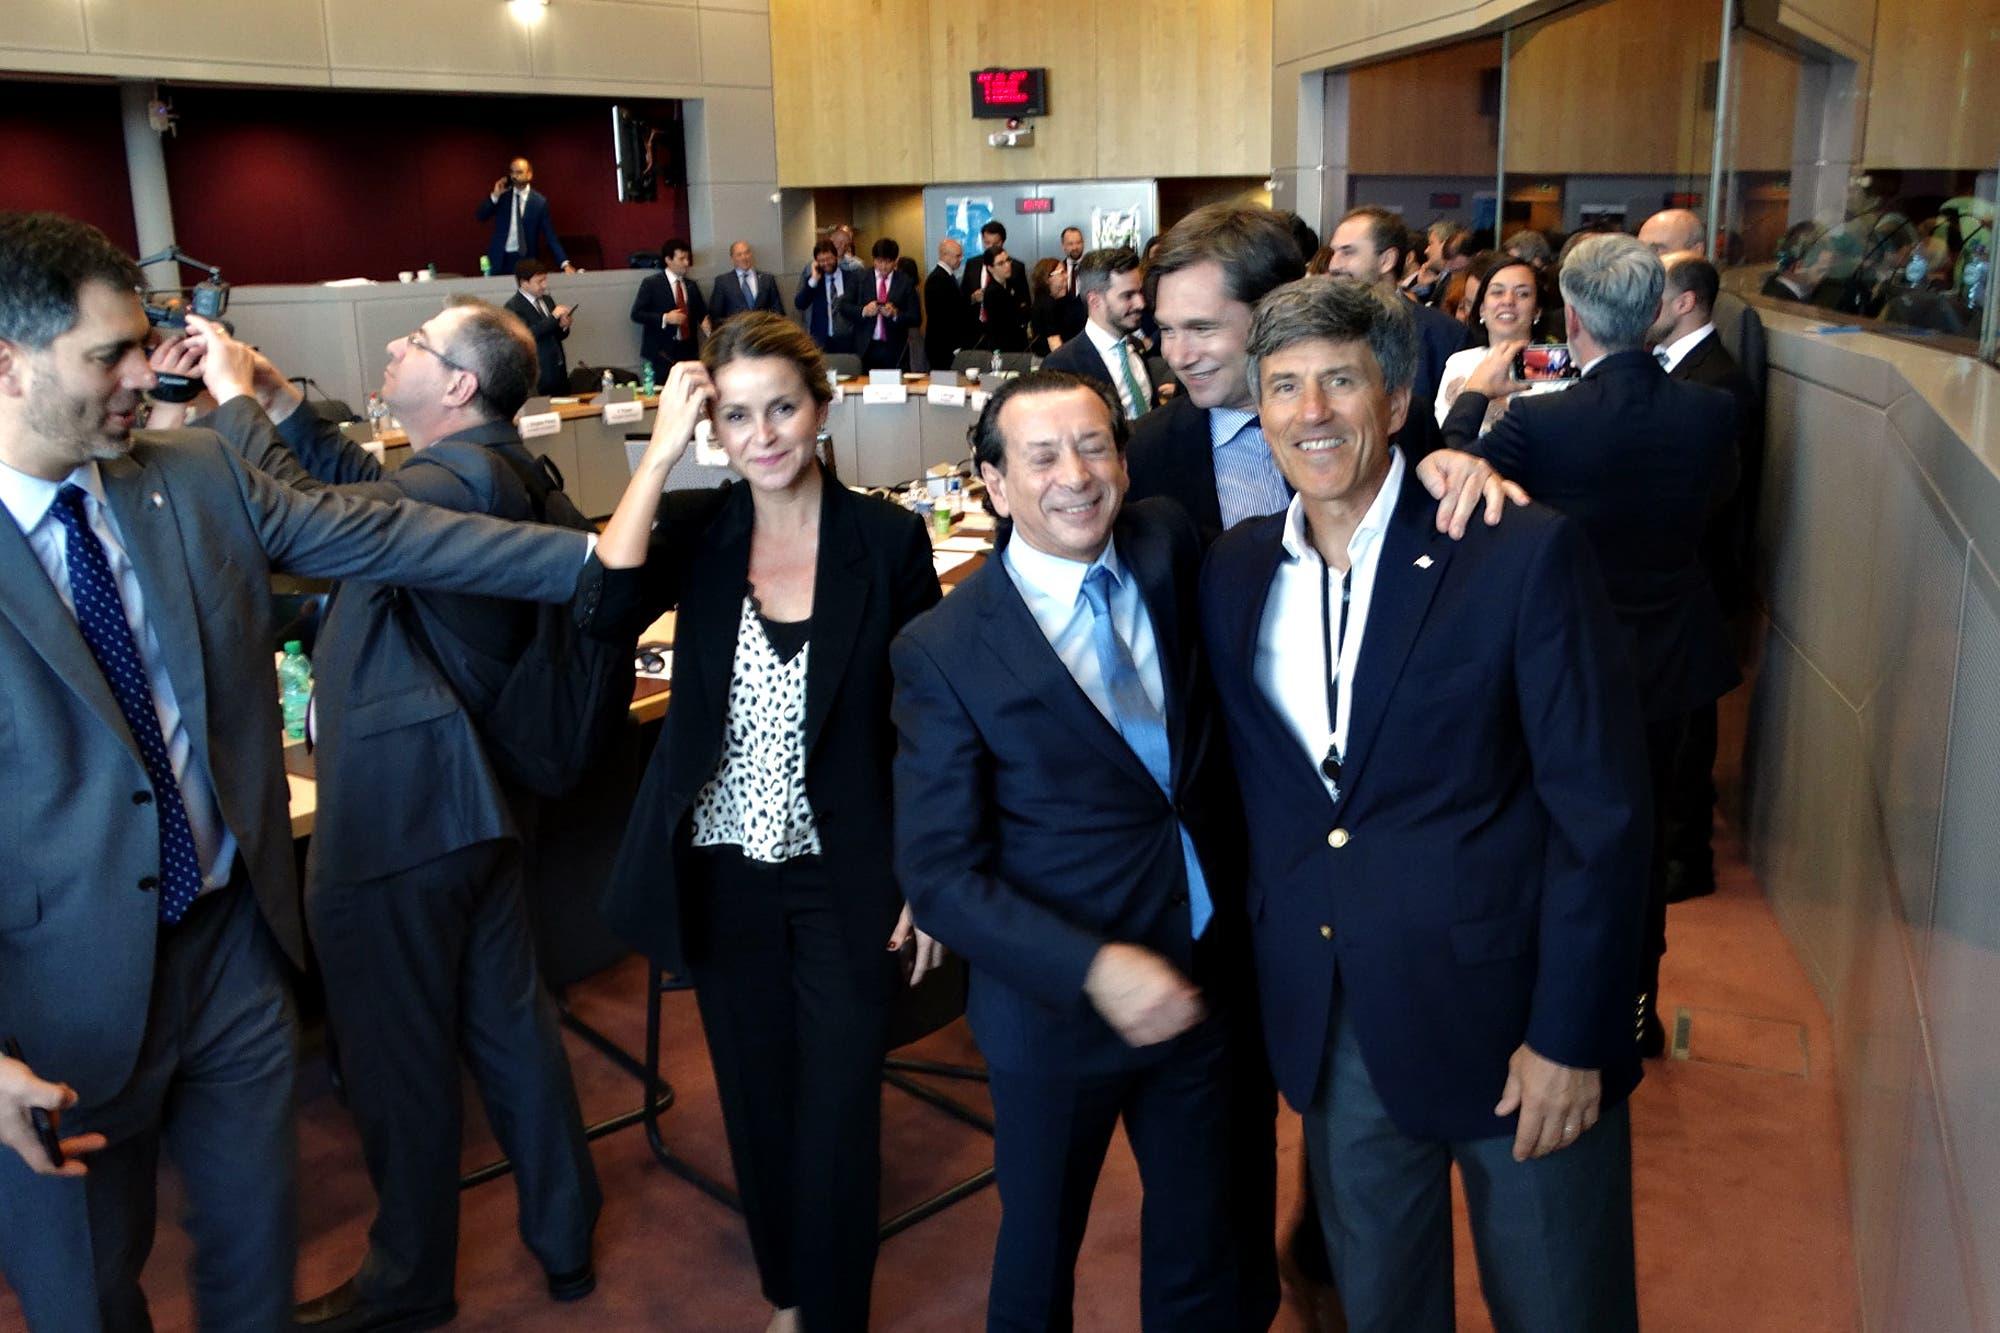 Histórico: firman el acuerdo comercial entre el Mercosur y la Unión Europea